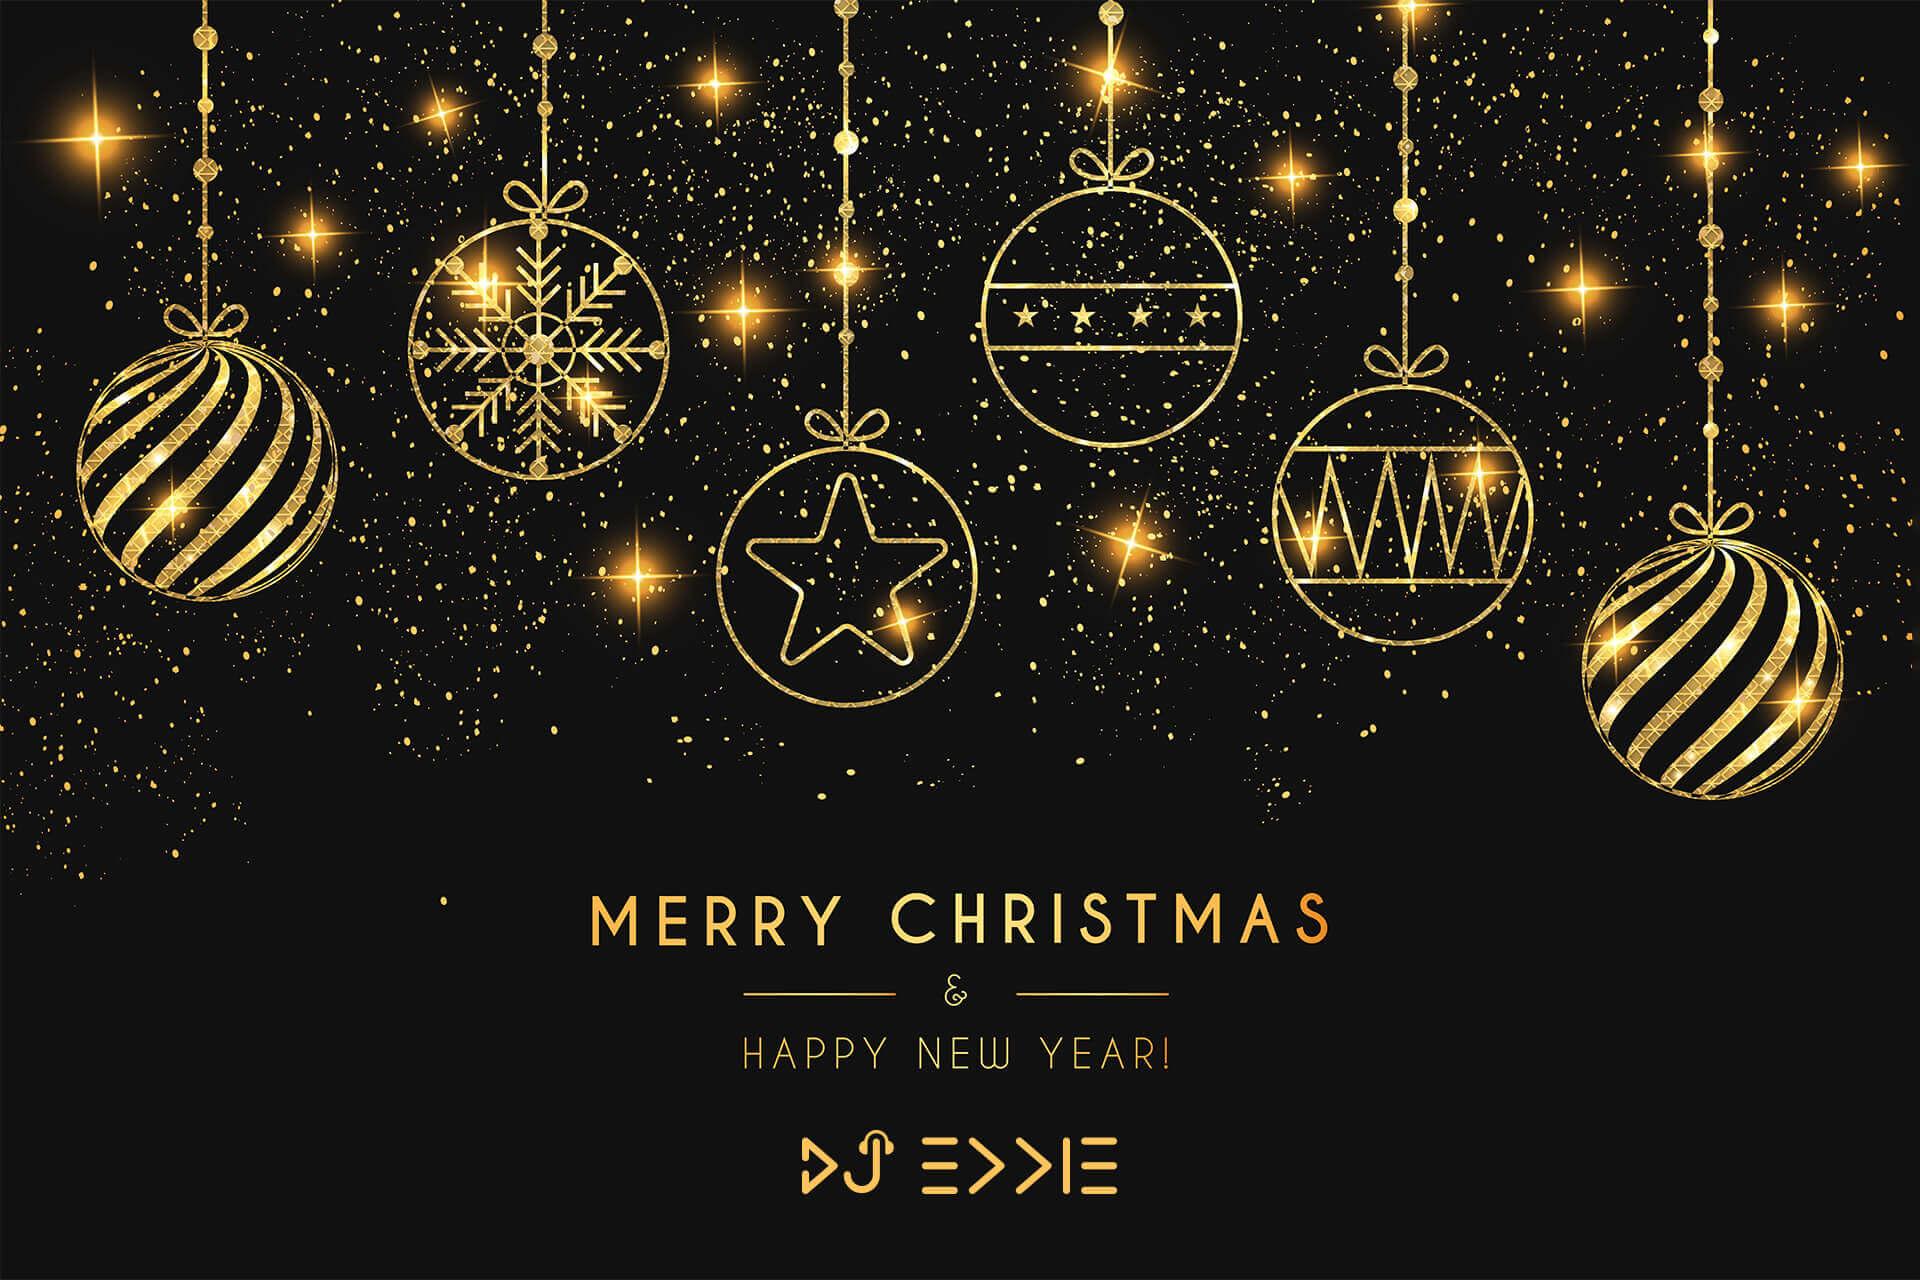 اجمل اغاني عيد الميلاد المجيد (كرسمس) Best Christmas Songs Playlist by DJ Eddie